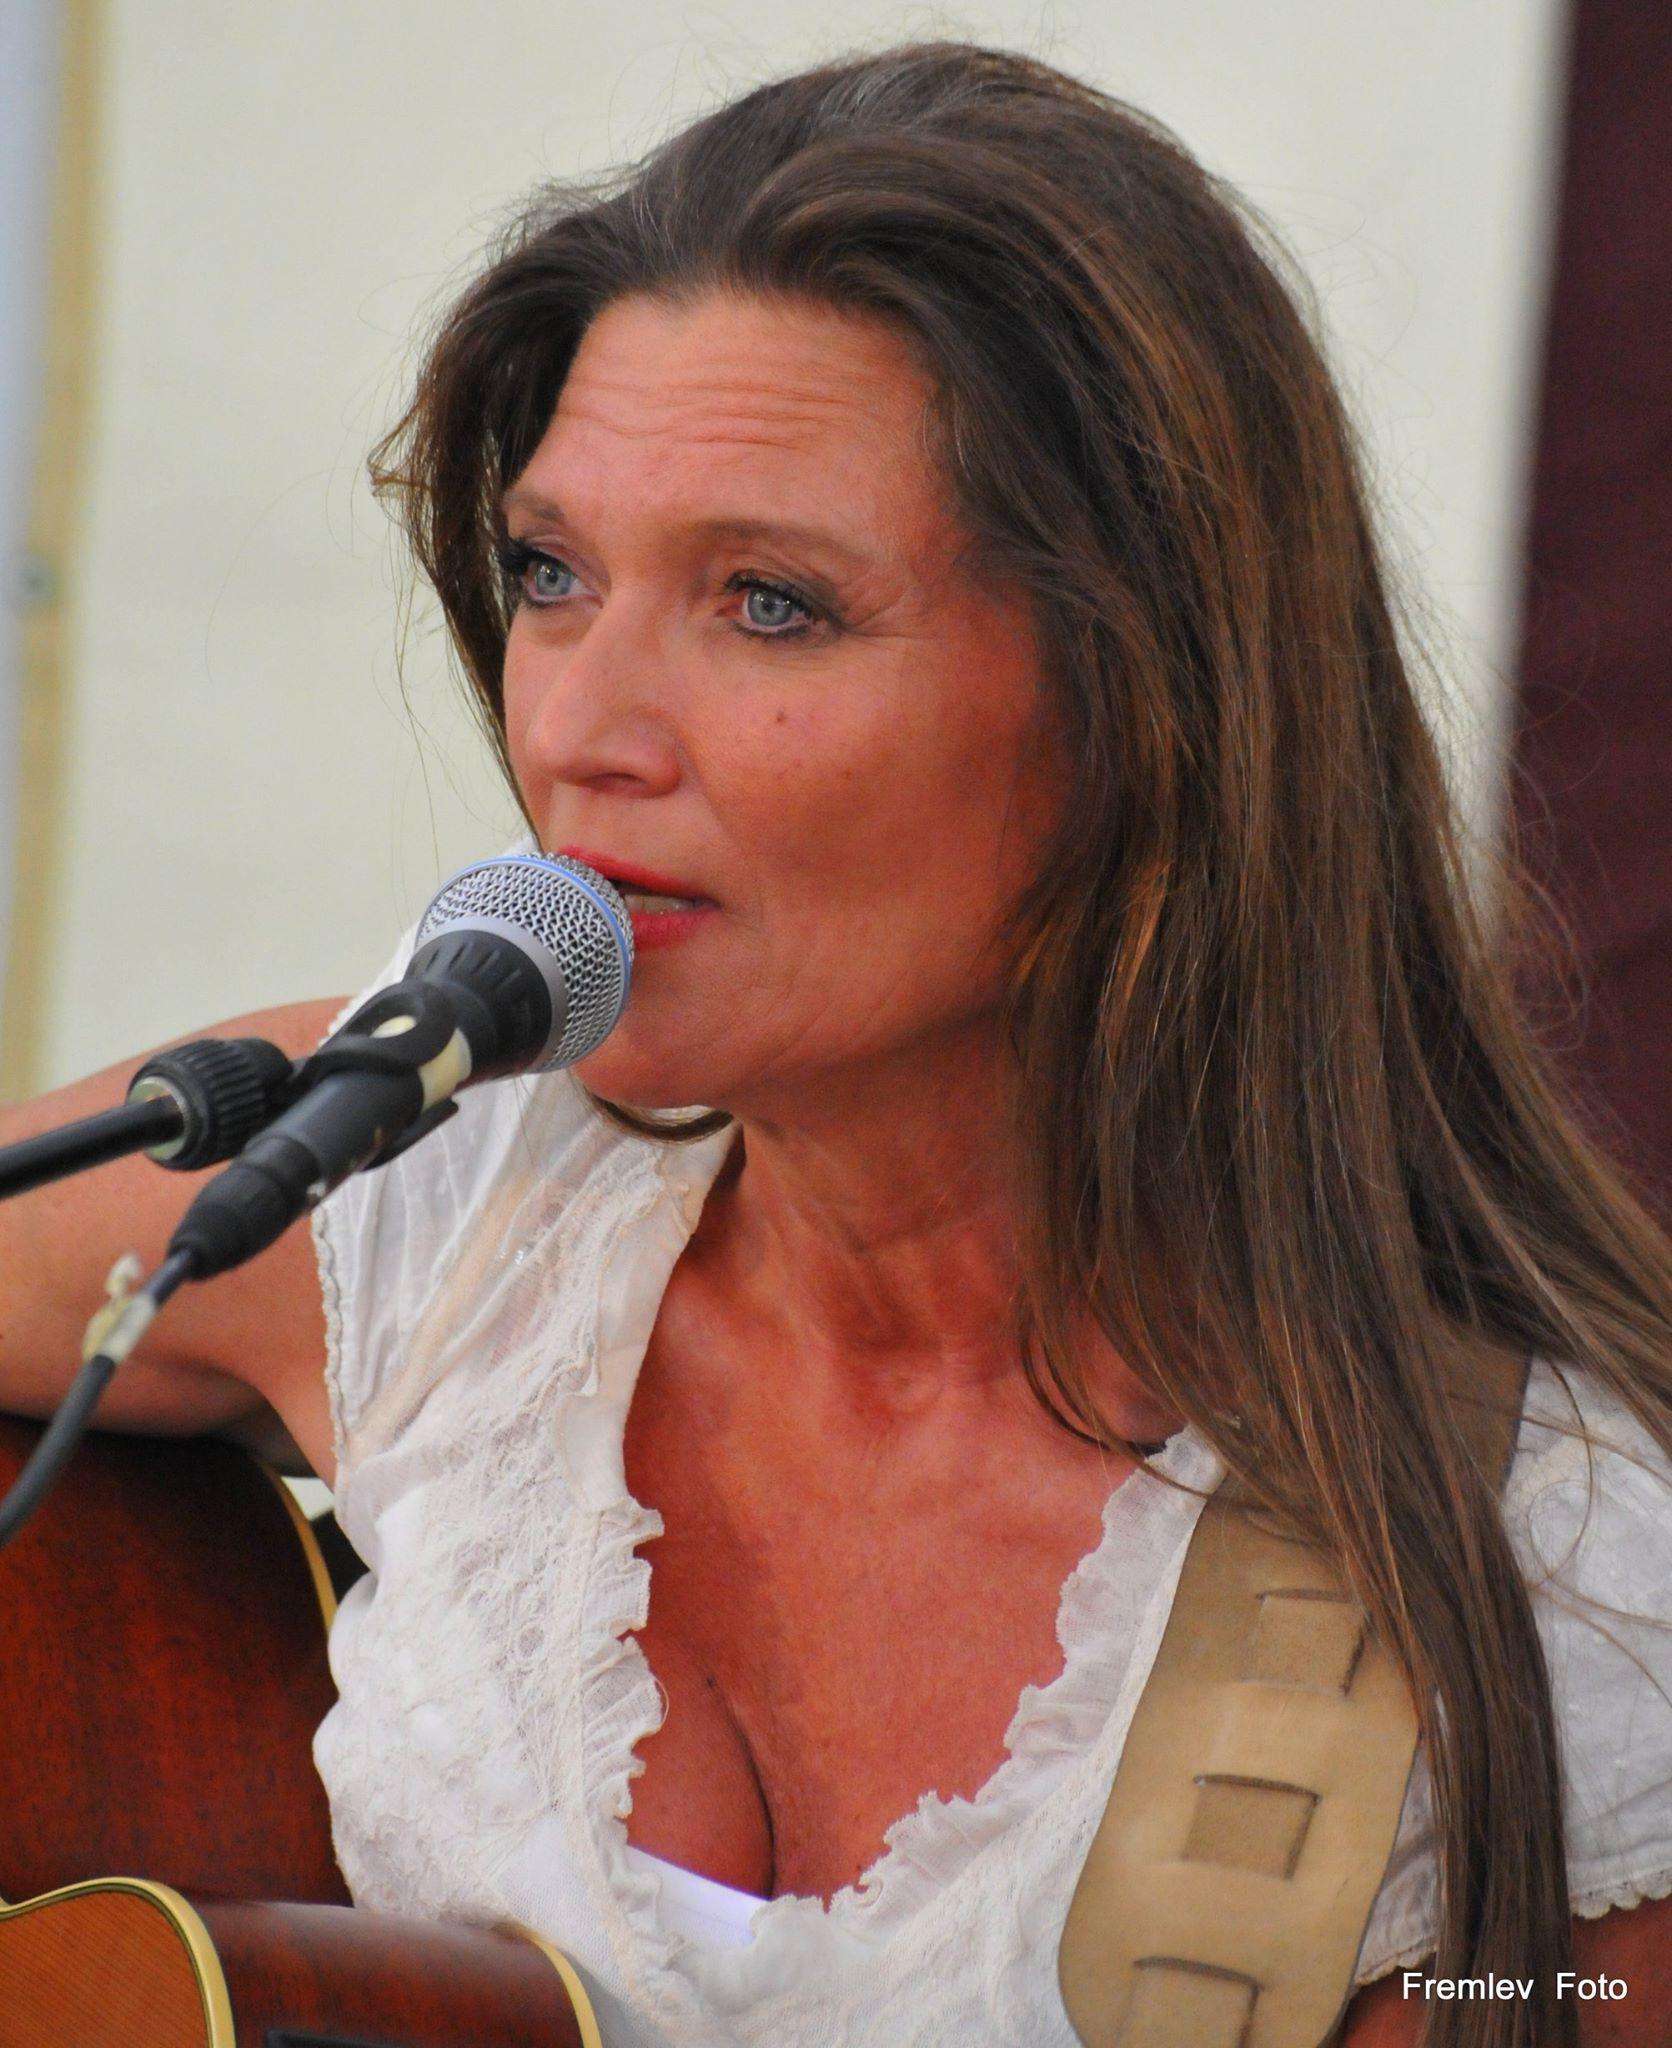 Hanne Lynge